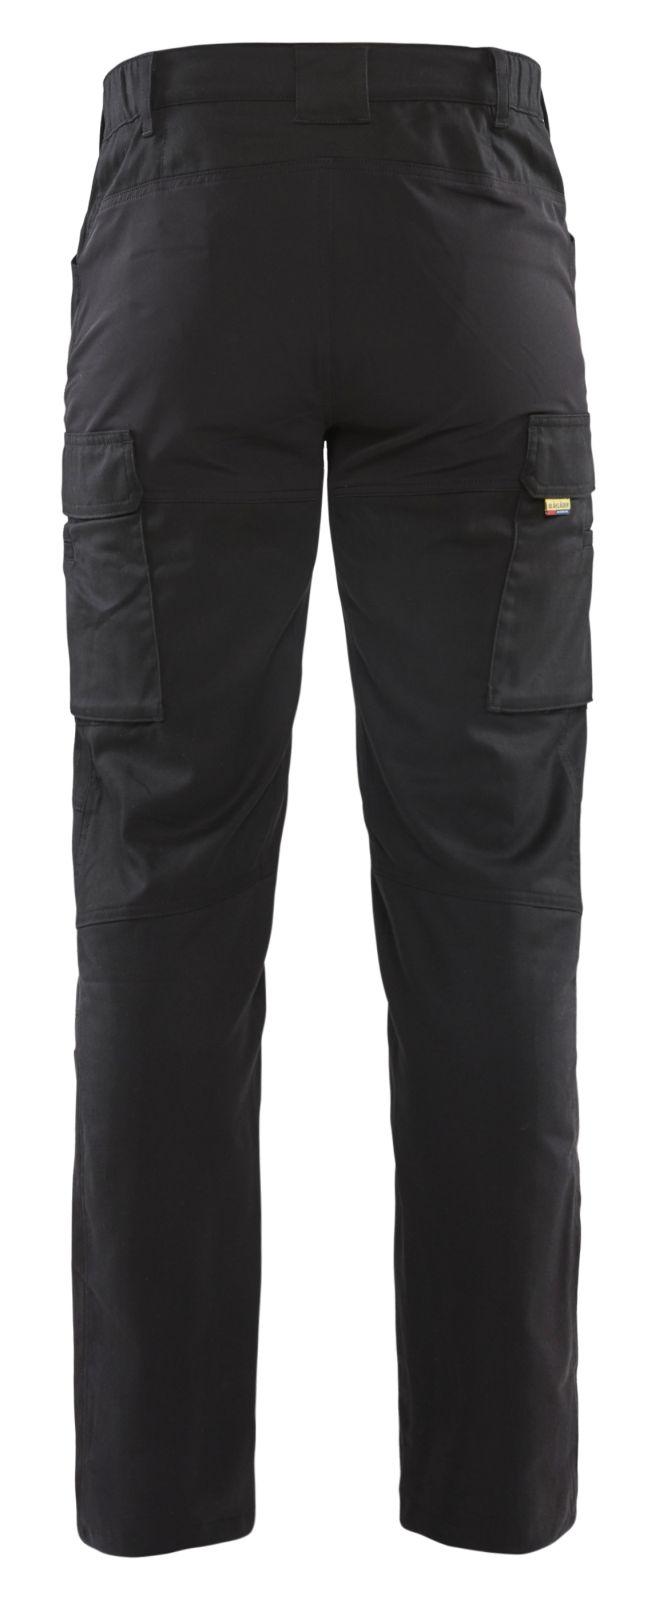 Blaklader Broeken 14571830 zwart(9900)